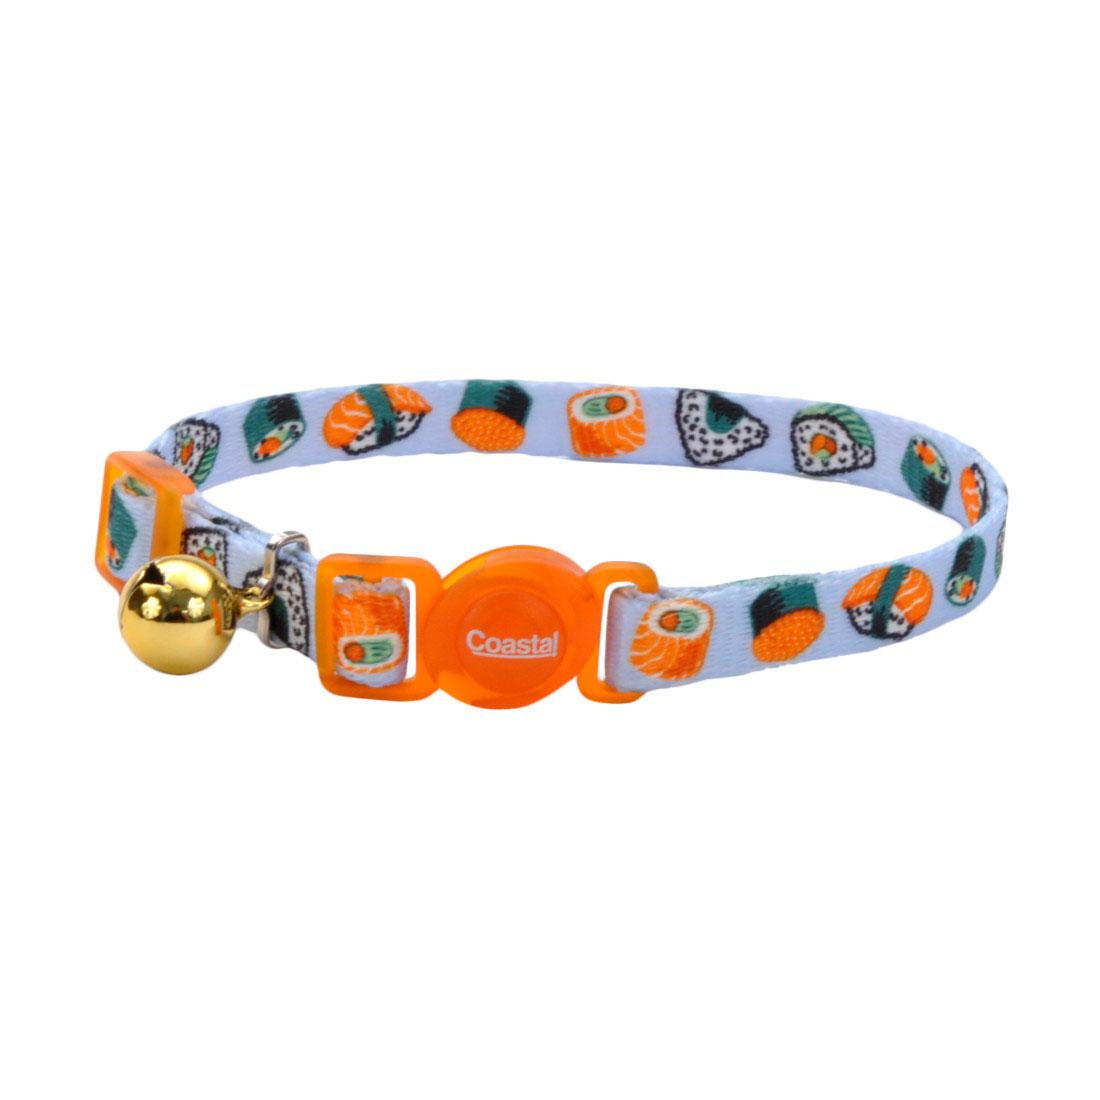 Coastal Pet Products 06701 SOB12